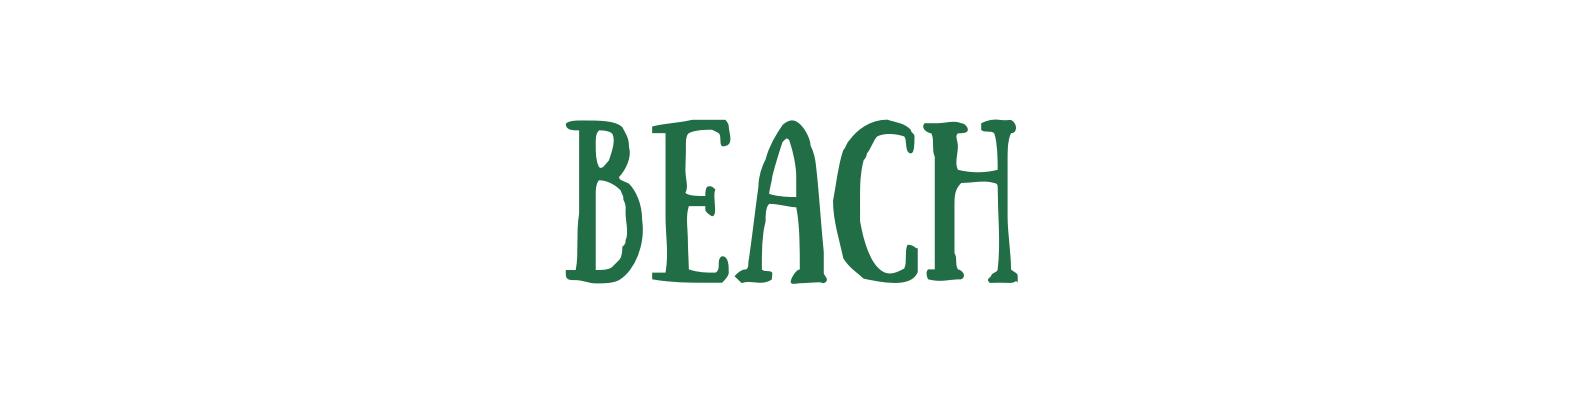 Green and Cream Brushstroke Assistant Professor LinkedIn Banner (20)